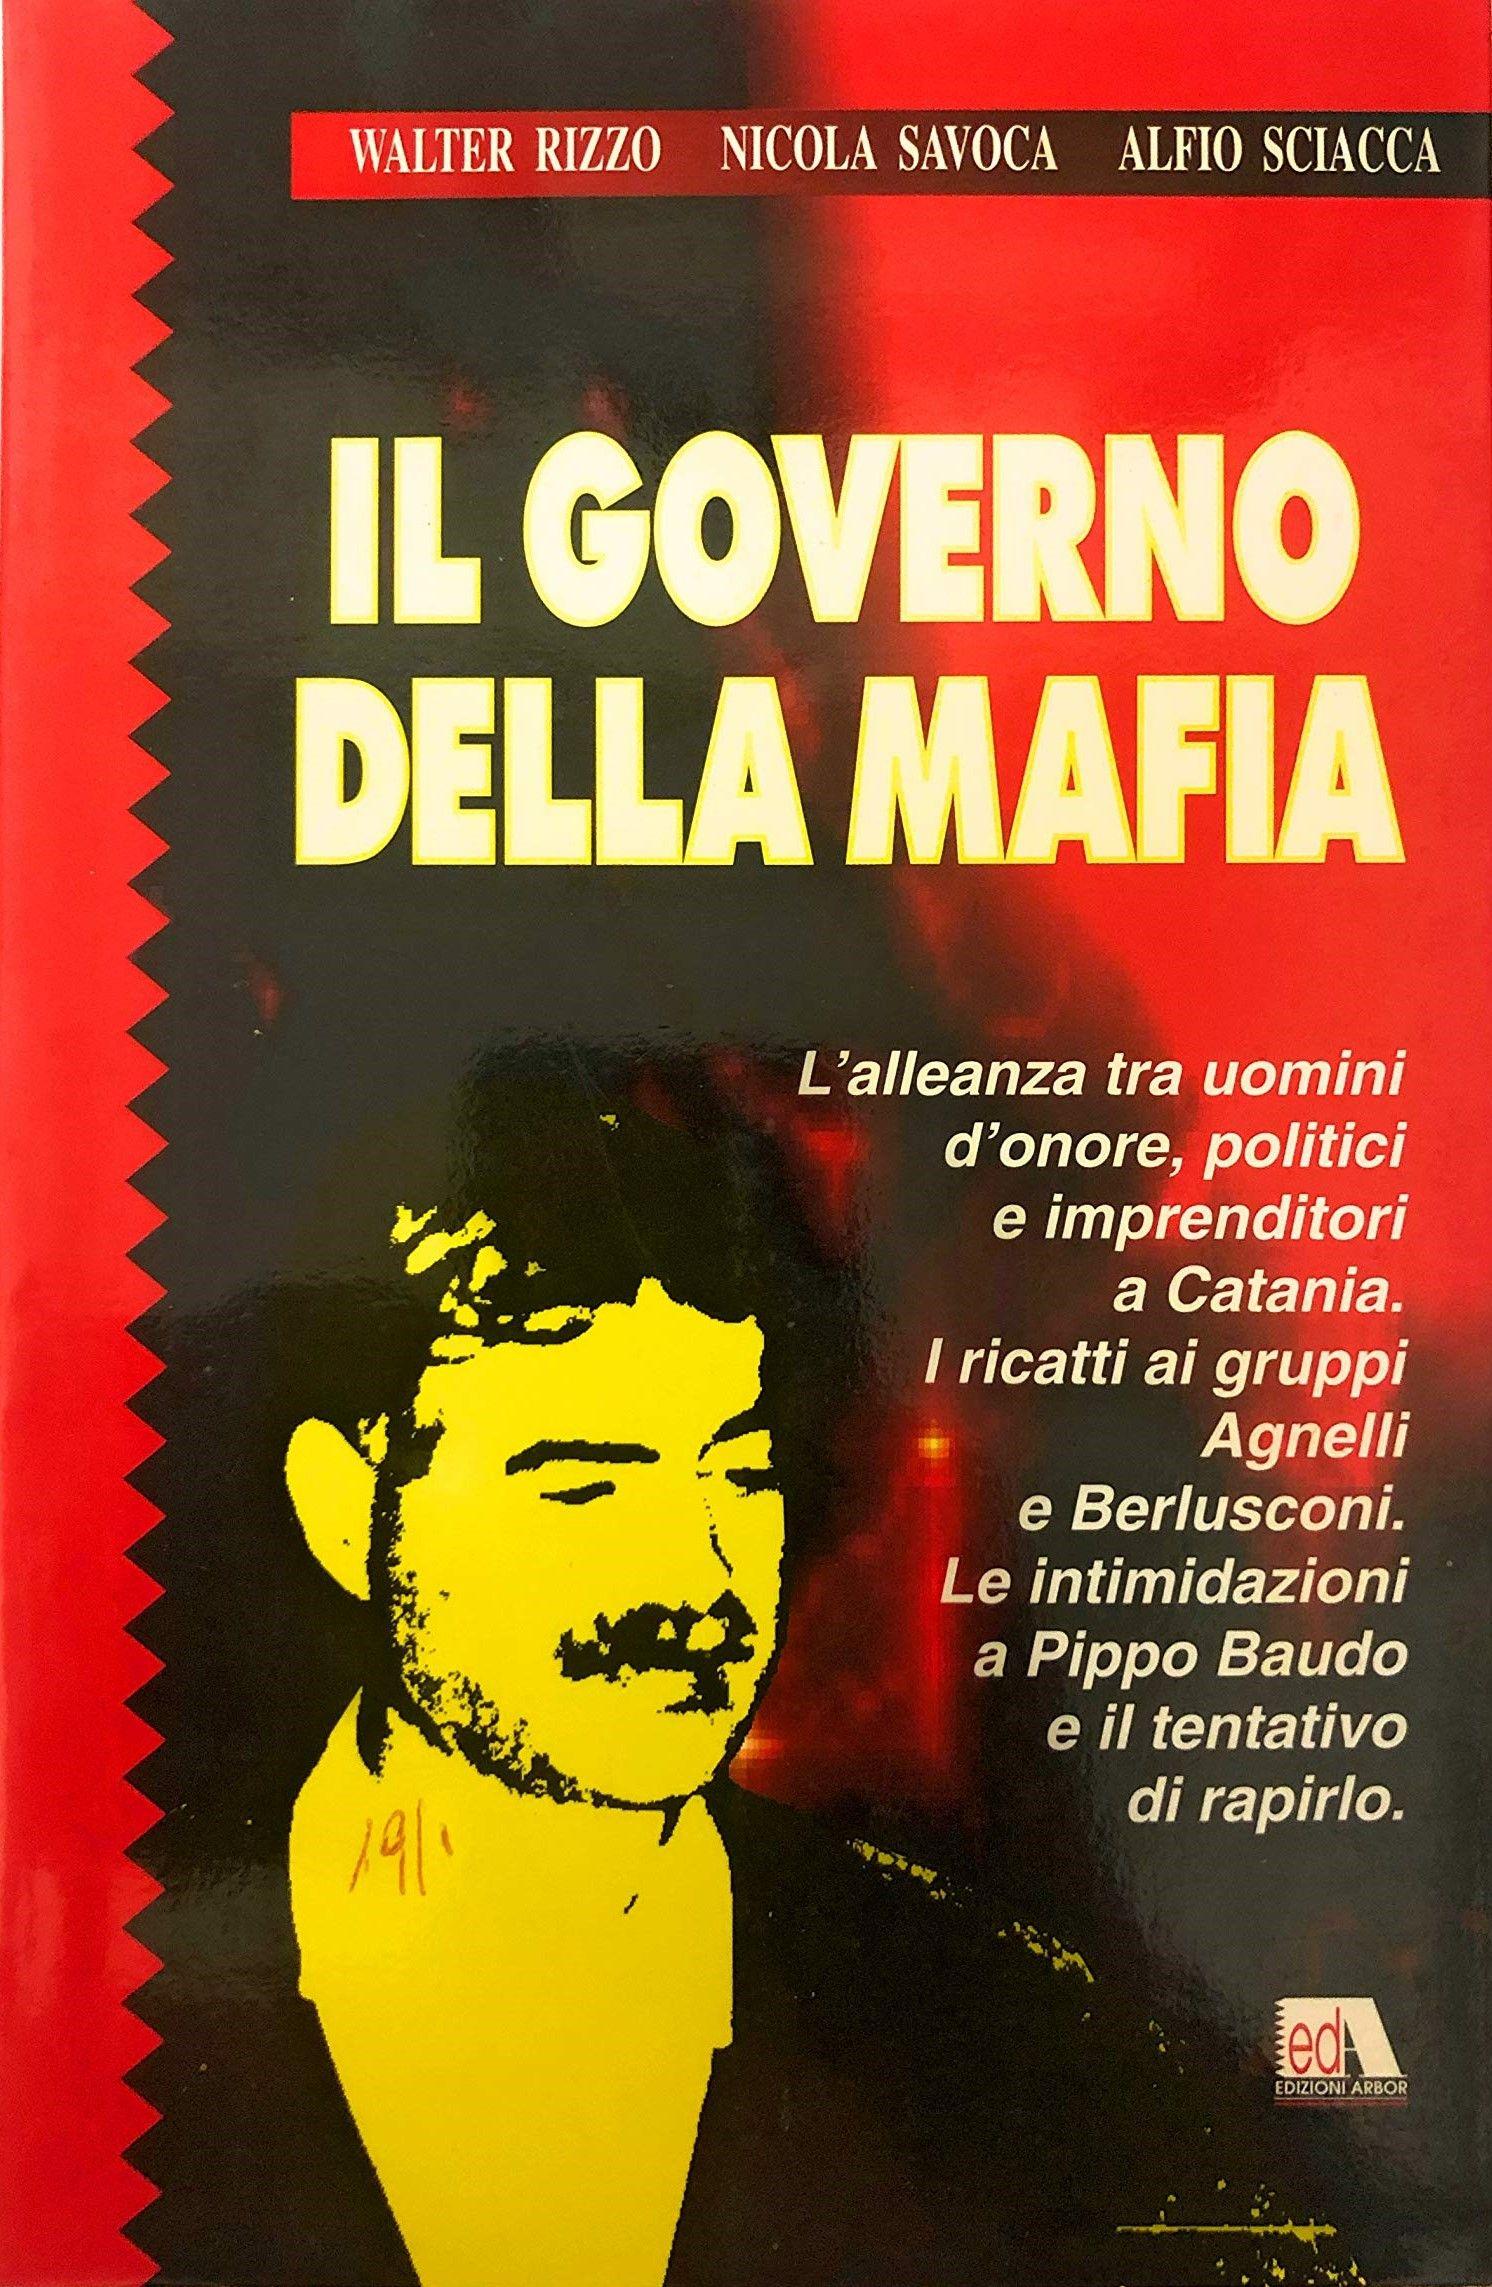 """""""Il governo della mafia"""" di Rizzo, Savoca, Sciacca e la tangentopoli catanese"""